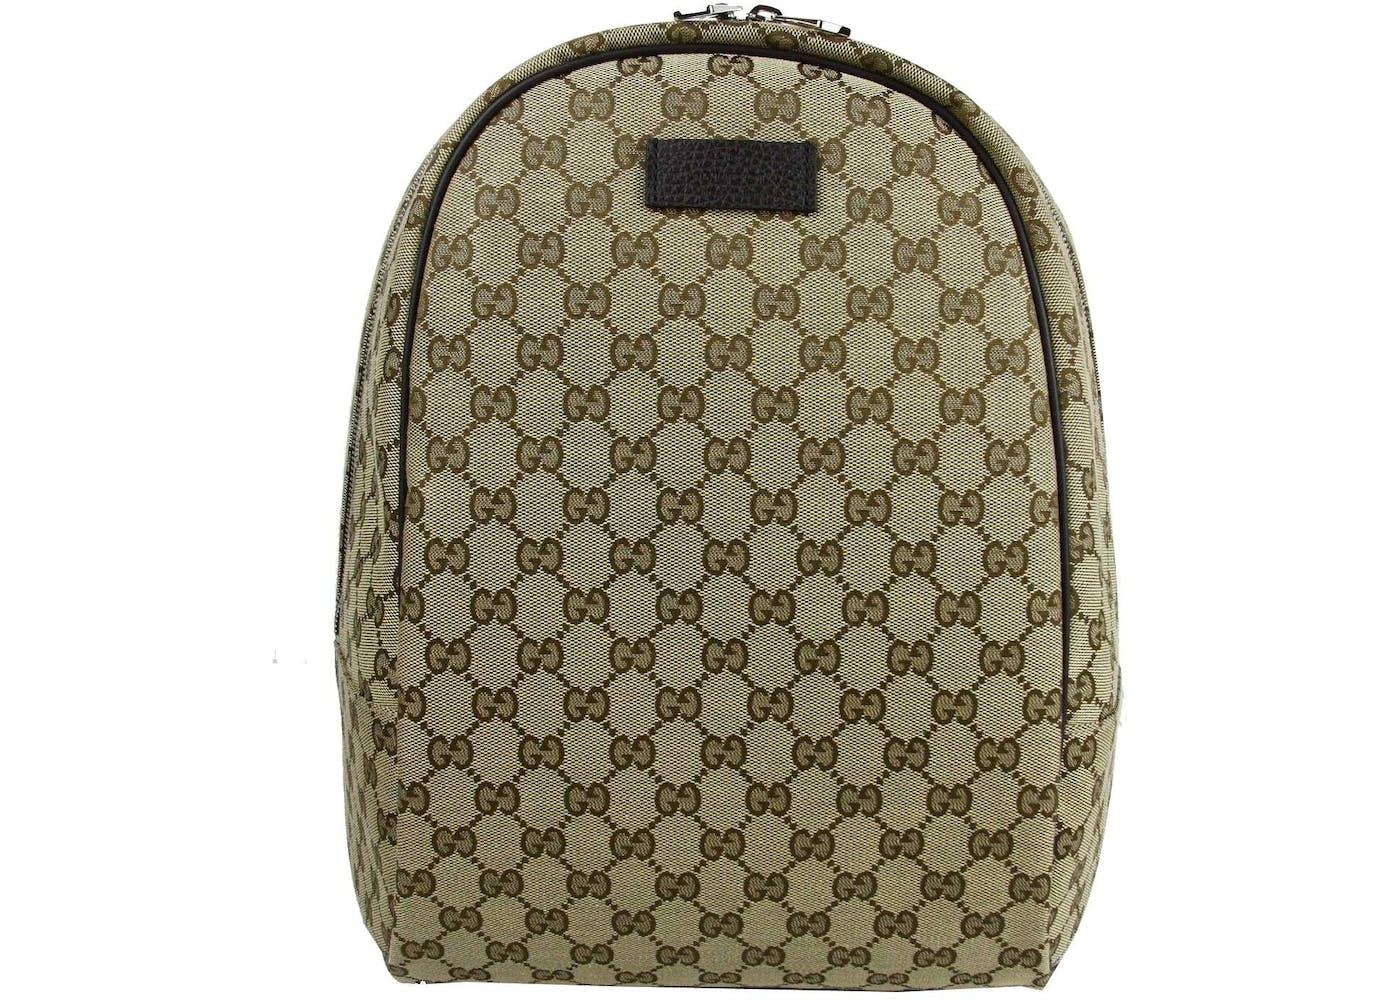 Gucci Top Zip Backpack Monogram GG Beige Brown